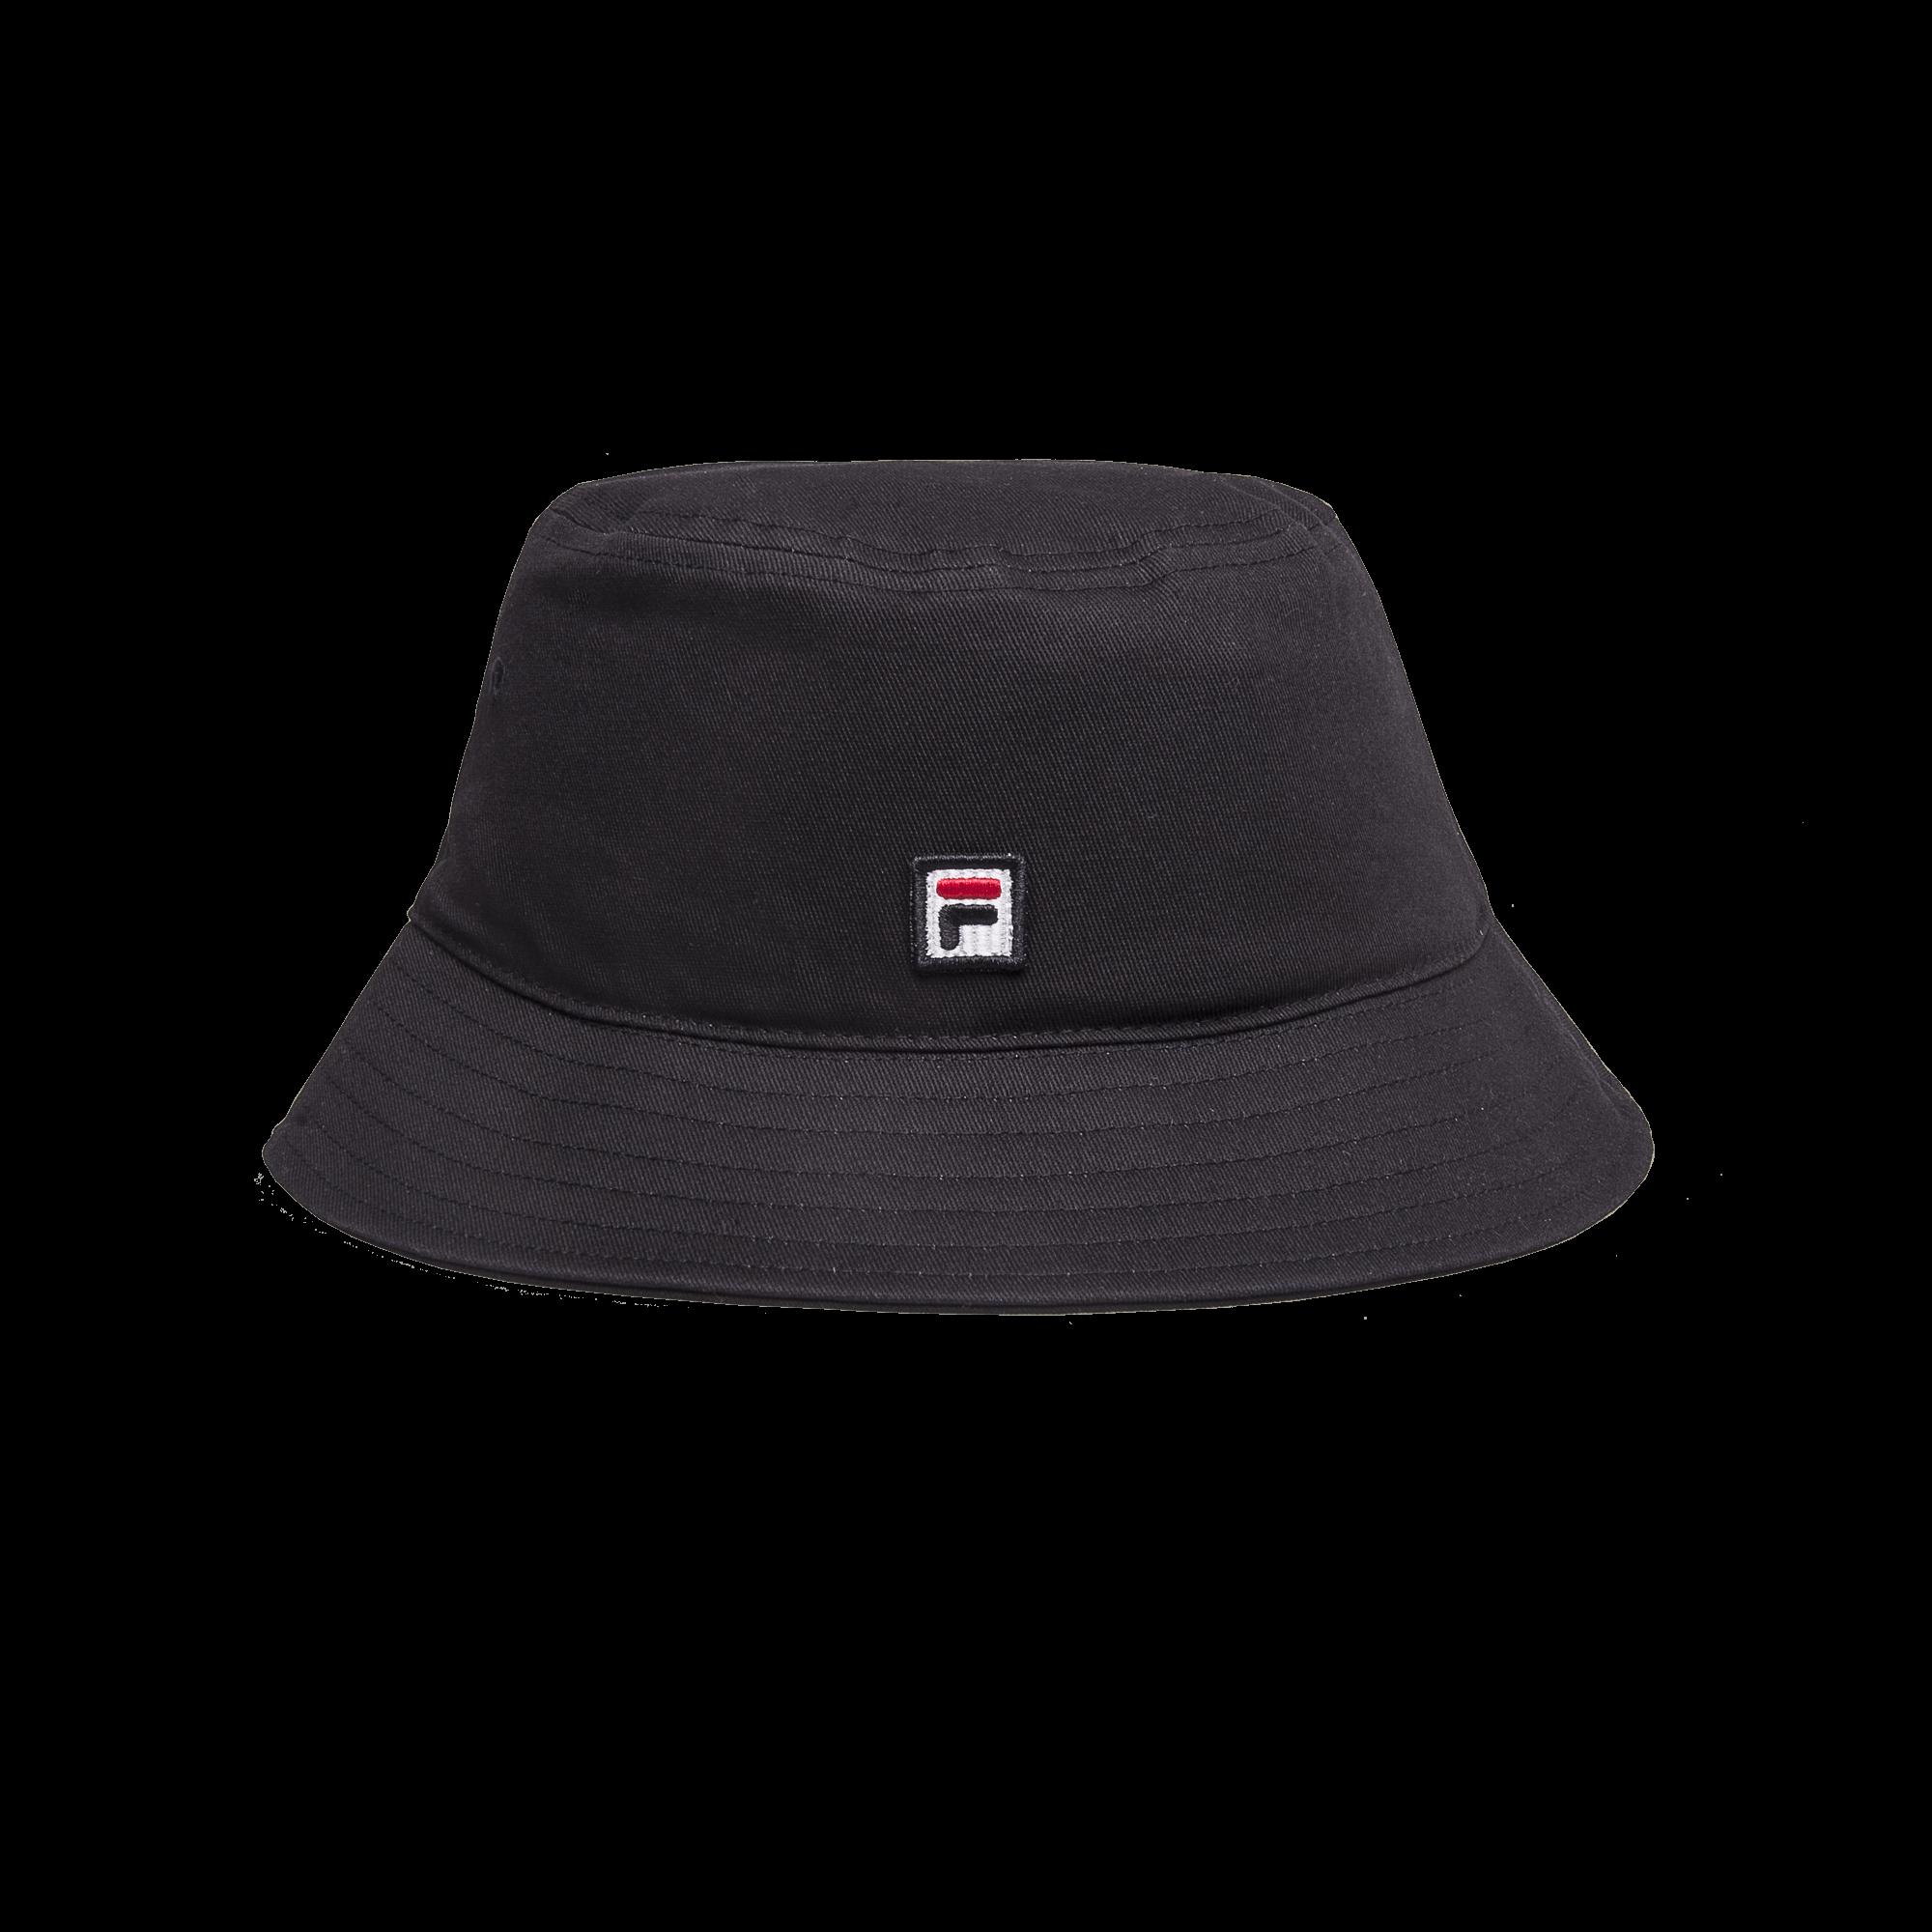 oferować rabaty przedstawianie najtańszy Fila Bucket Hat black - Caps | Holypopstore.com